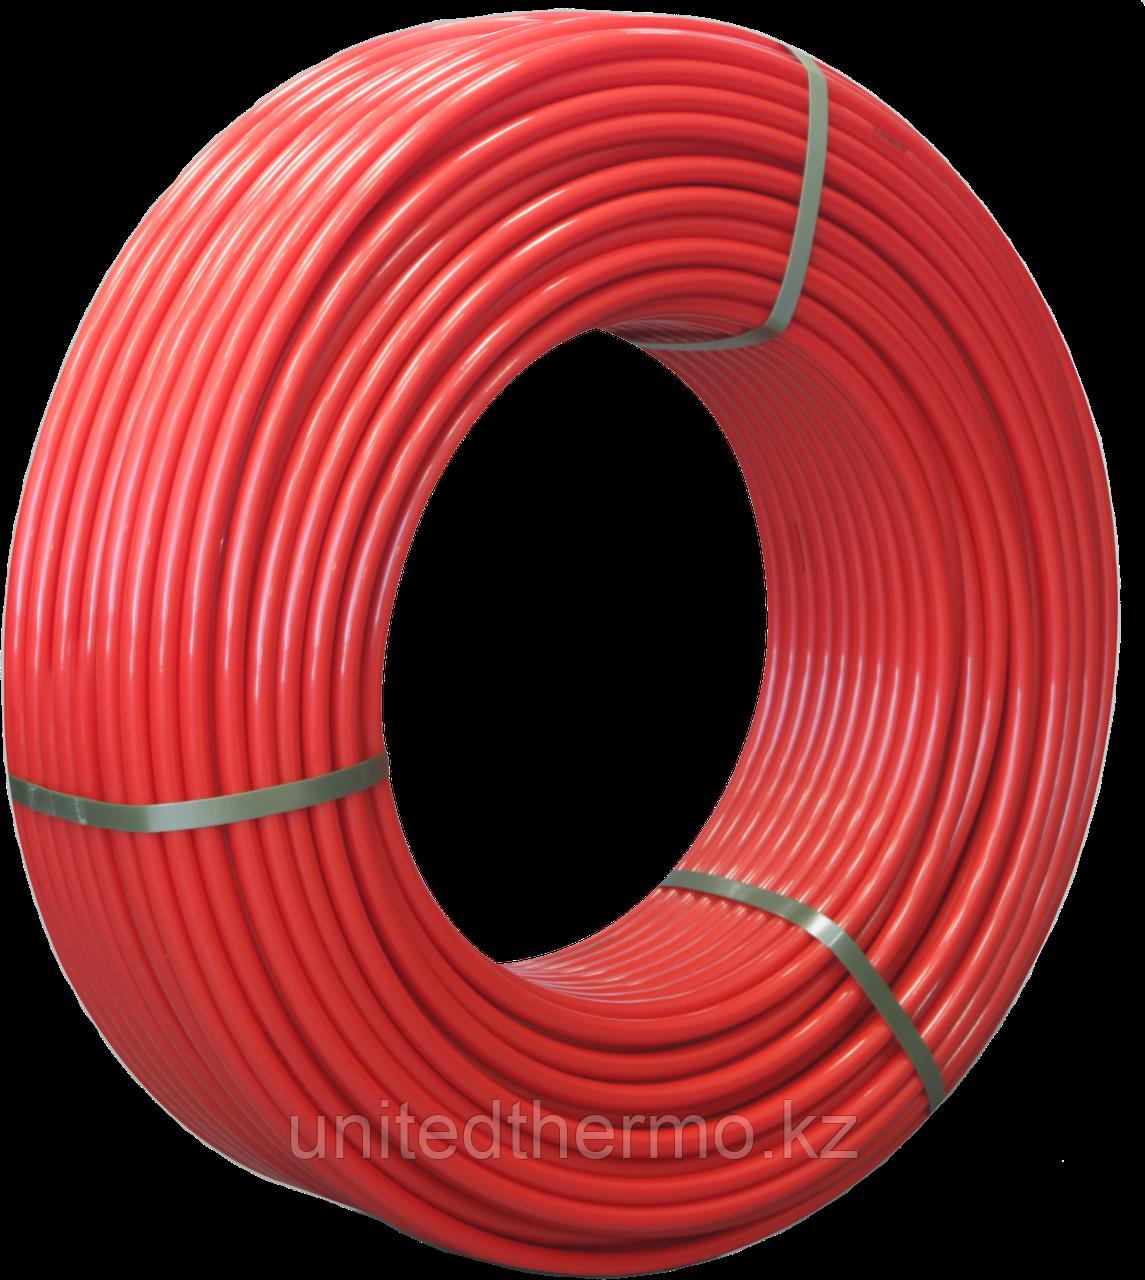 Труба  16x2.0 мм для теплого пола Varmega PE-RT II многослойная, цвет красный VM30301